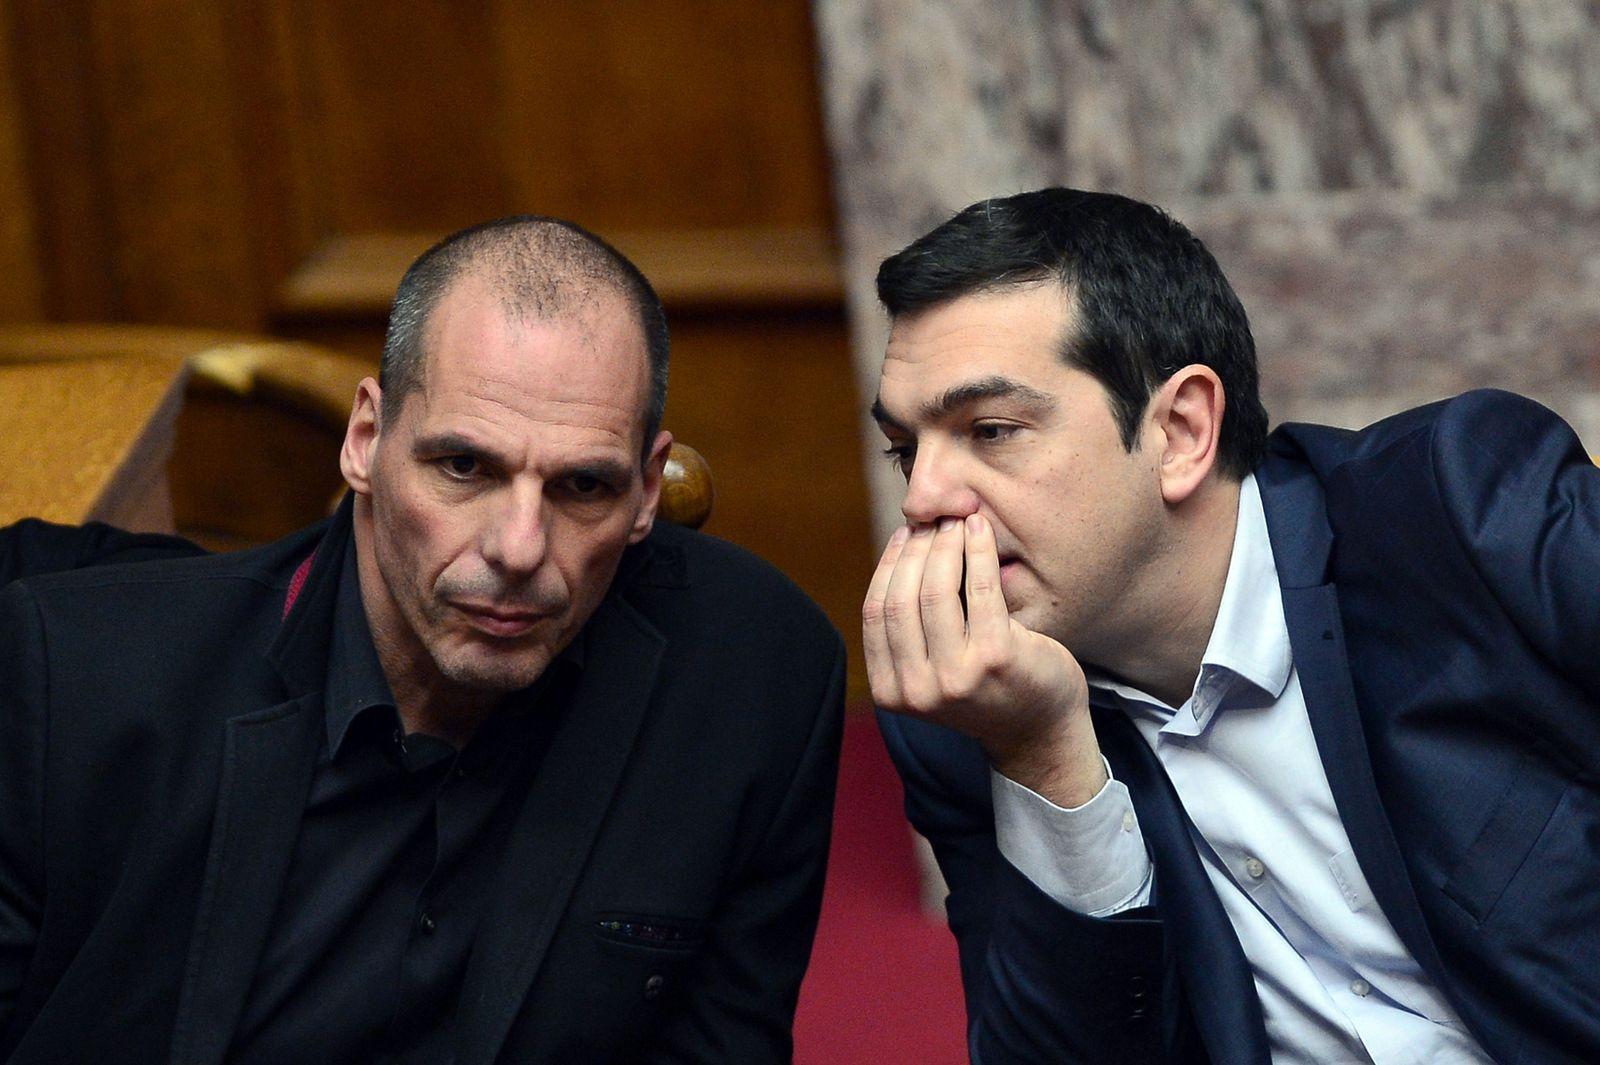 Tsipras / Varoufakis